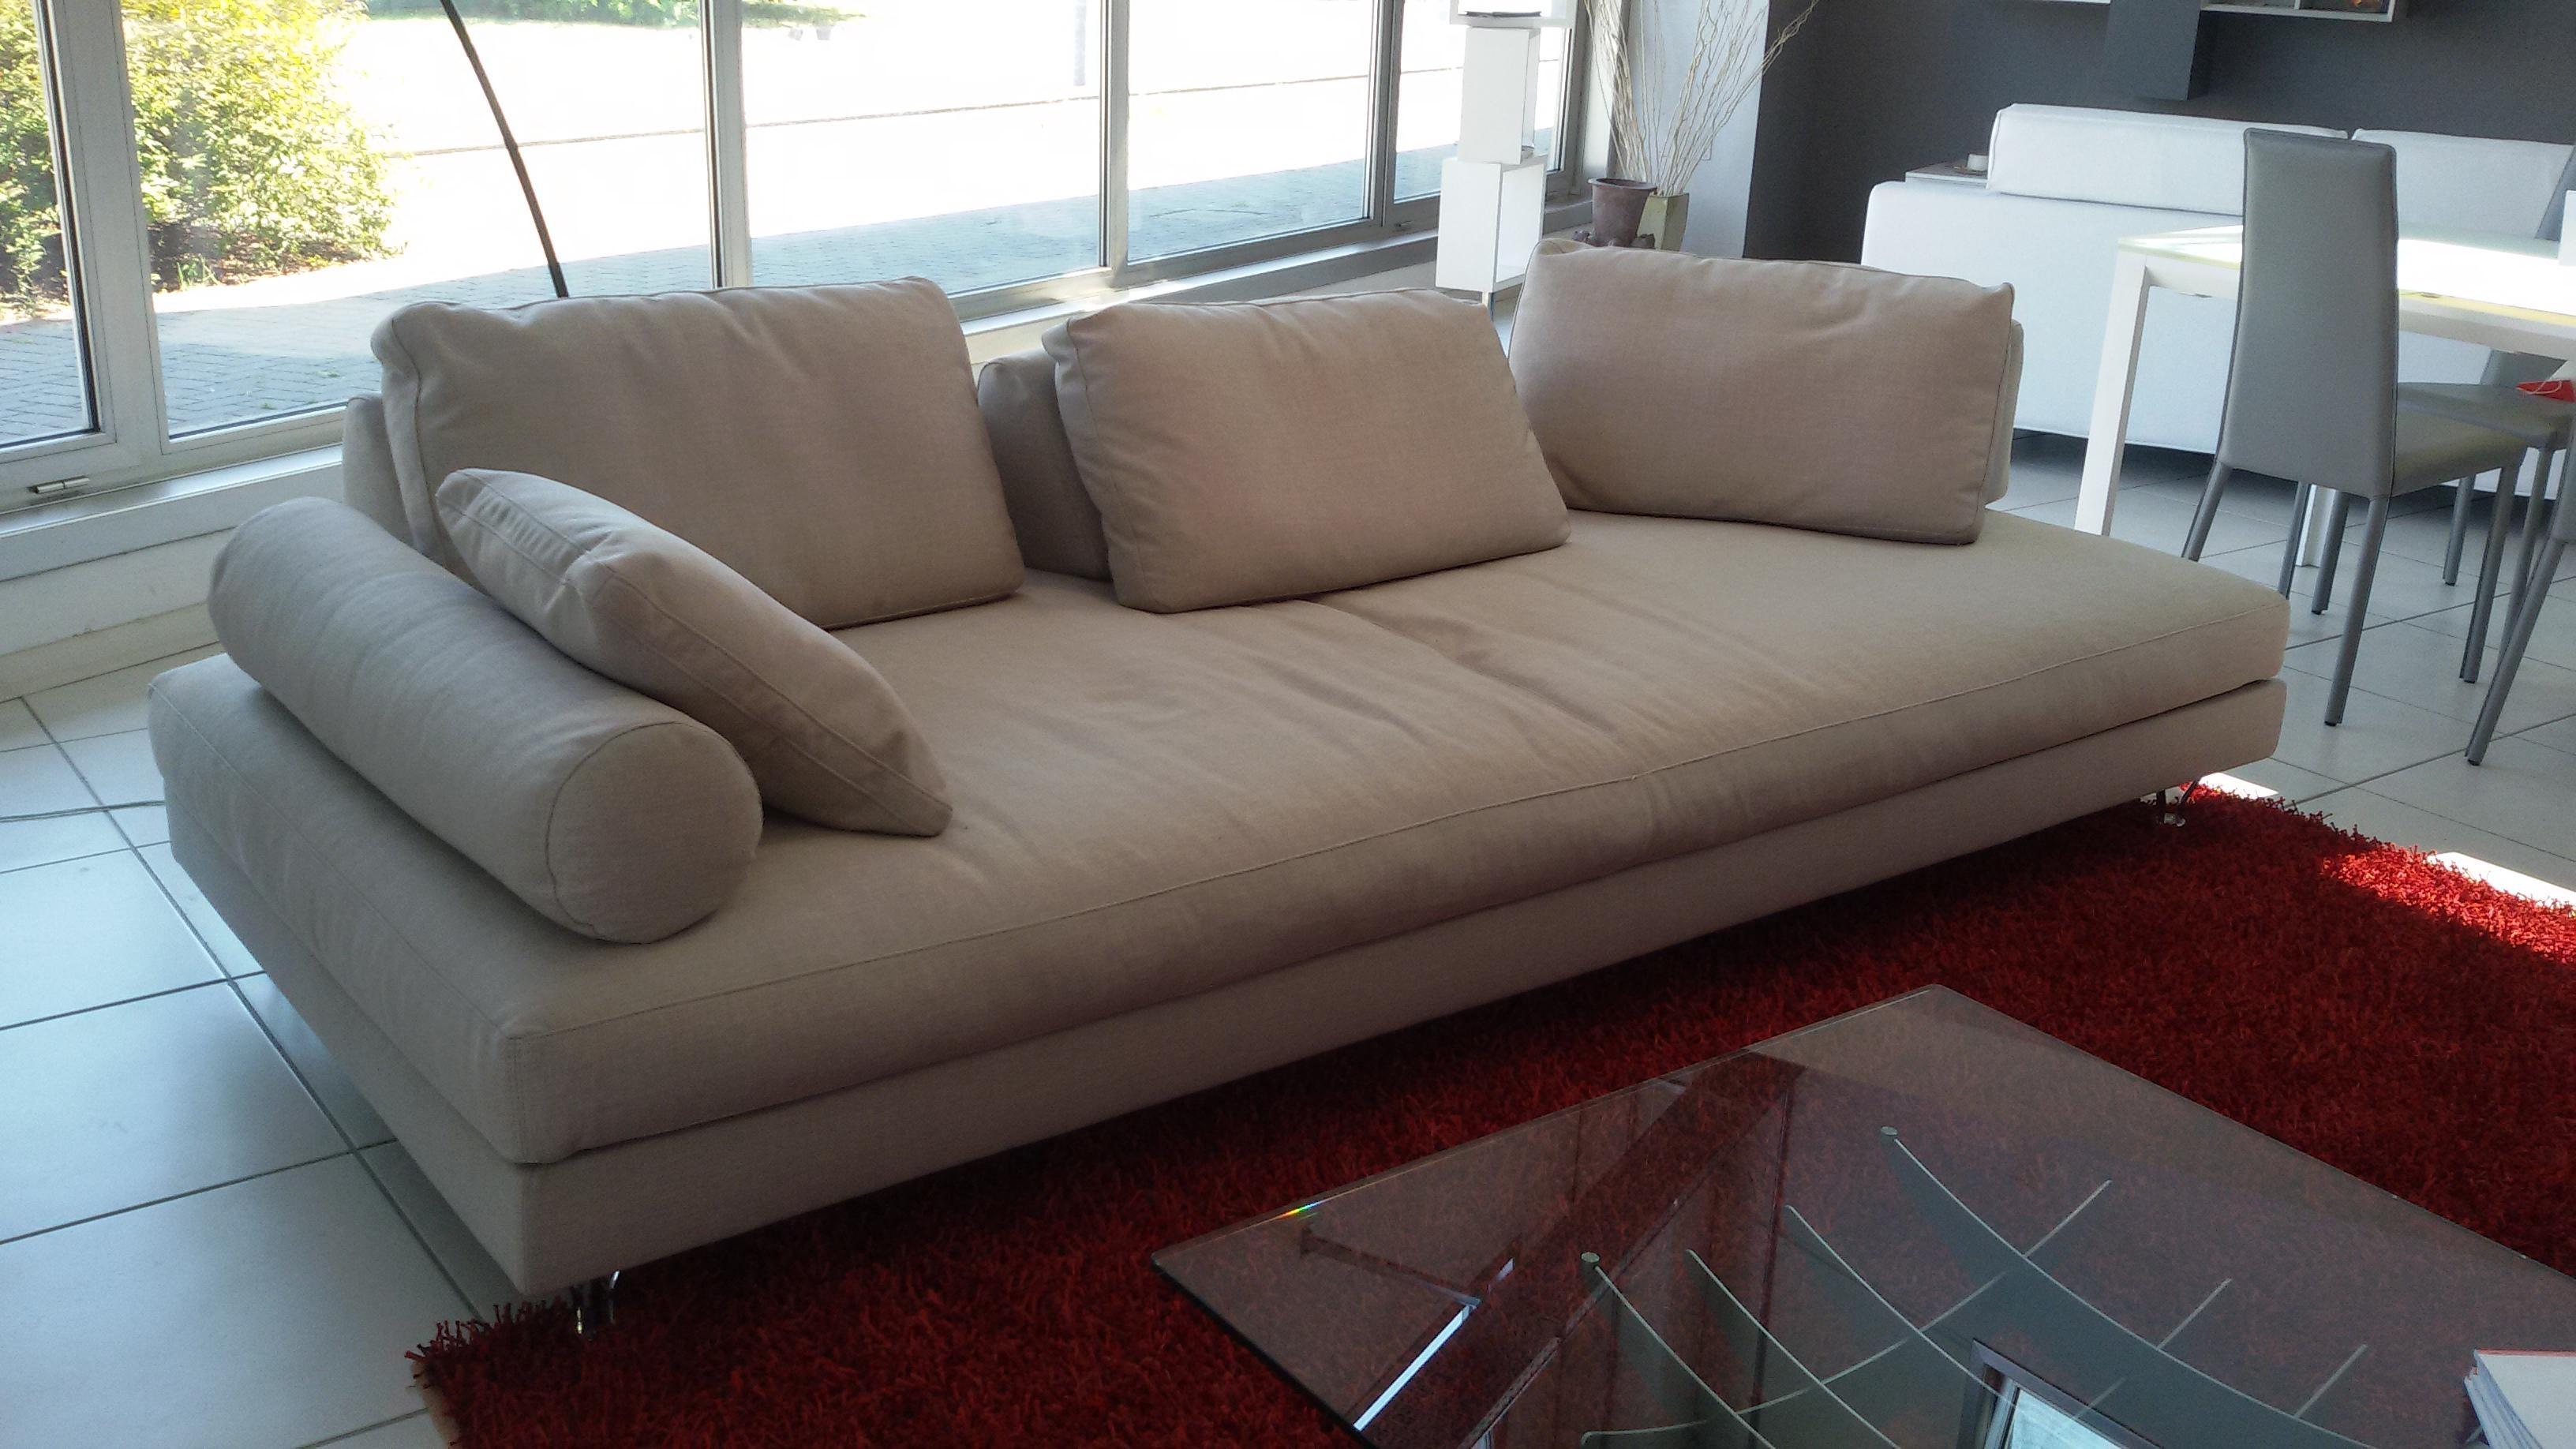 Dema divano fly tessuto scontato del 40 divani a for Offerte divani angolari in tessuto